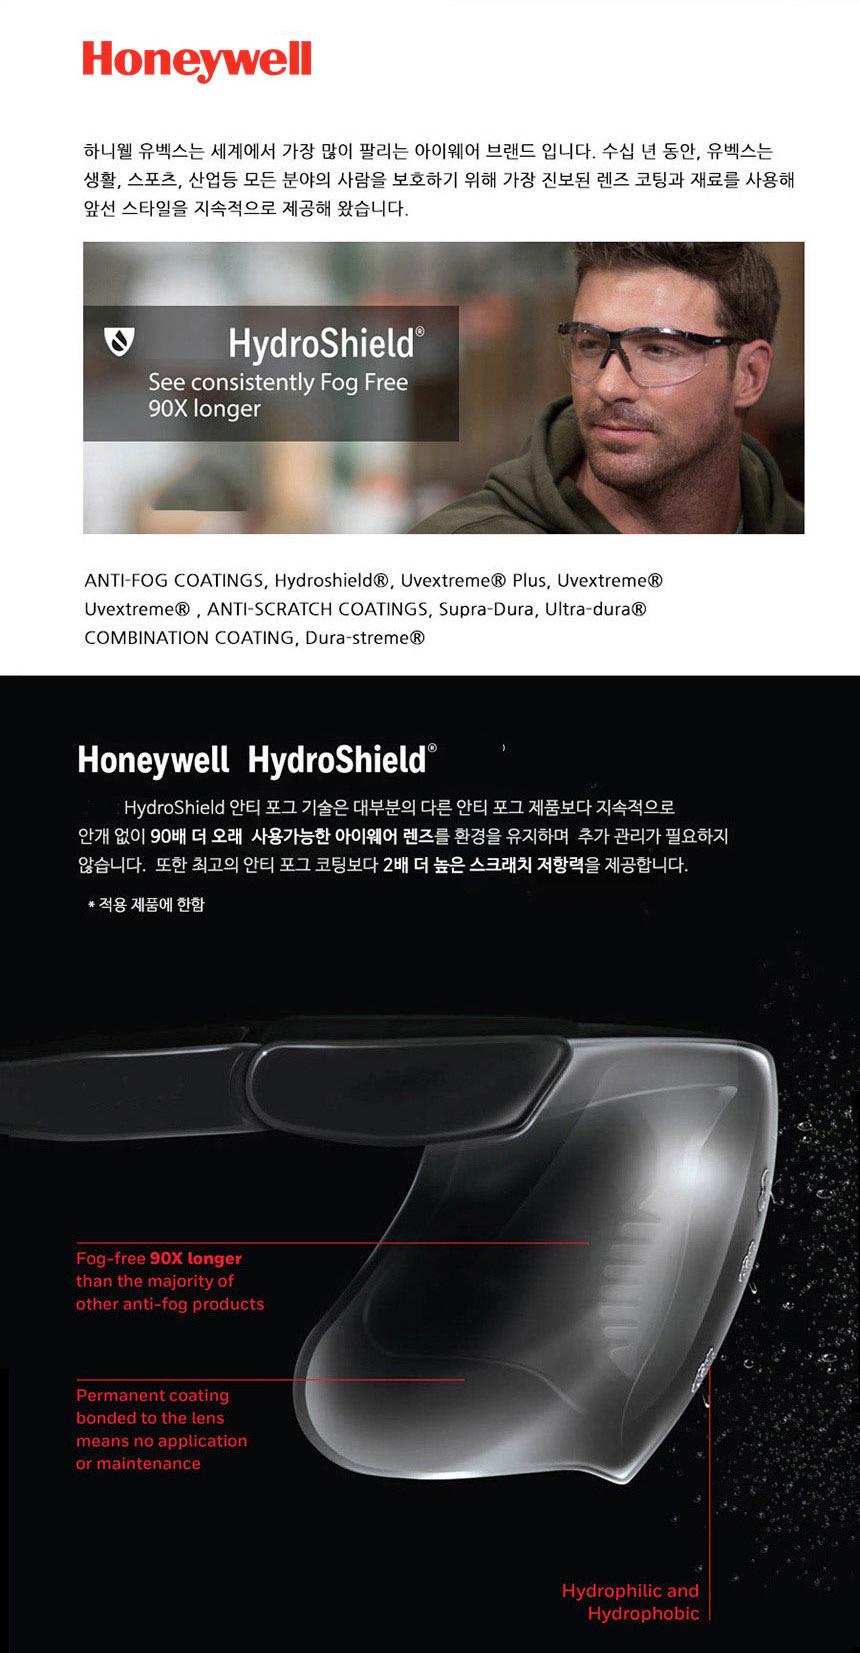 하니웰 A800 Gray 실험용 작업용 보호안경 (1015367) - 위드피플즈, 8,900원, 안경/선글라스, 선글라스